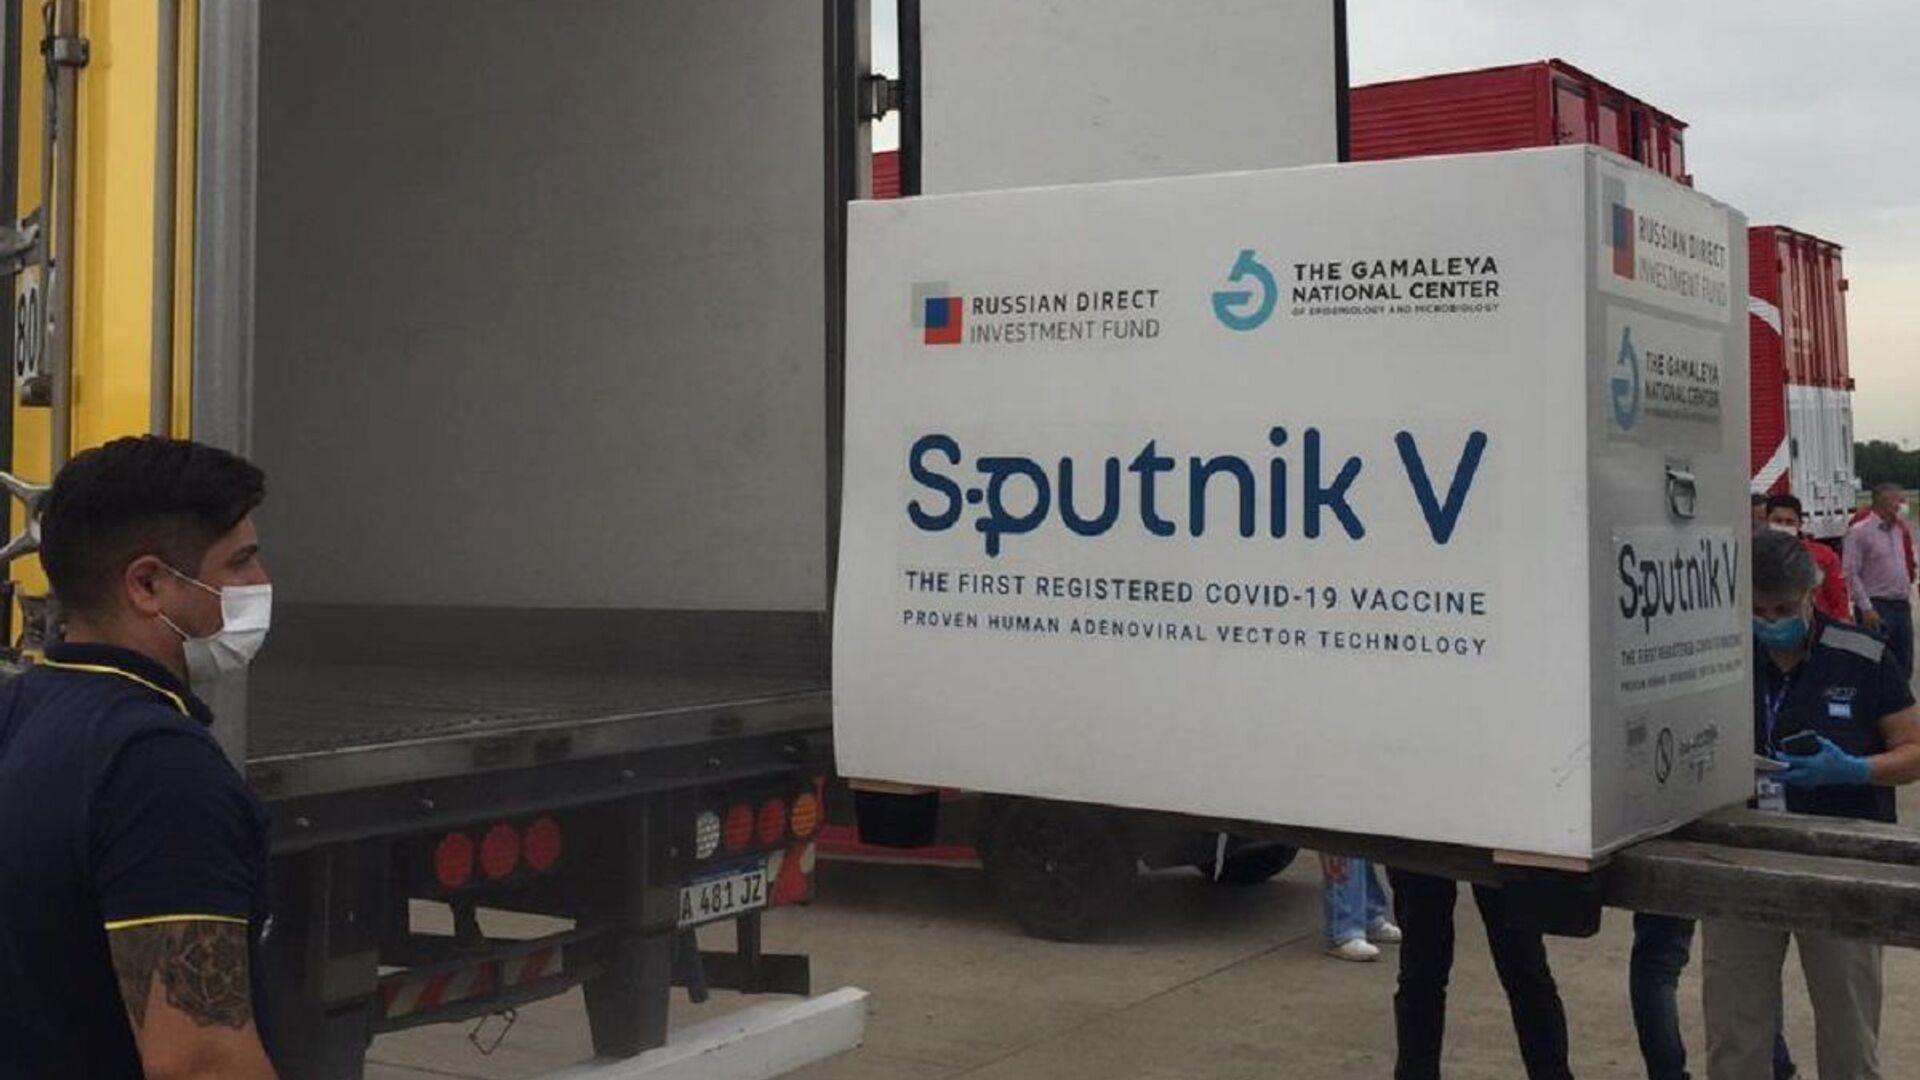 El avión con la vacuna rusa Sputnik V llega a Argentina - Sputnik Mundo, 1920, 04.03.2021